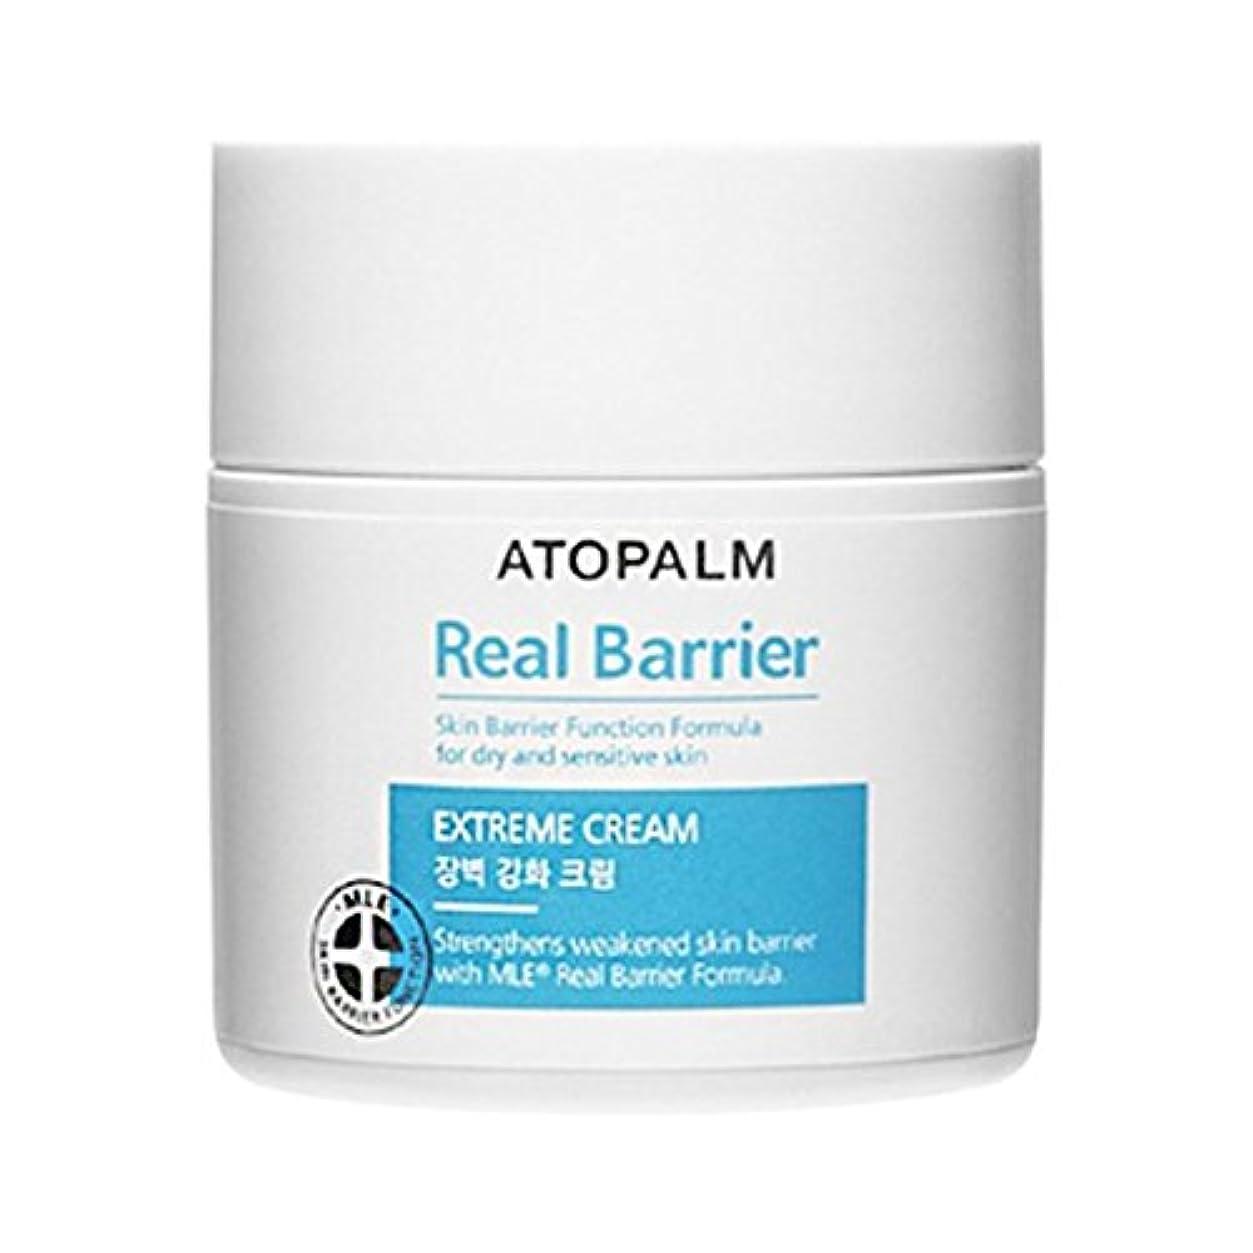 きれいにデコードする放散するアトファムリアルバリア?エクストリームクリーム50ml、韓国化粧品 ATOPALM Real Barrier Extream Cream 50ml, Korean Cosmetics [並行輸入品]